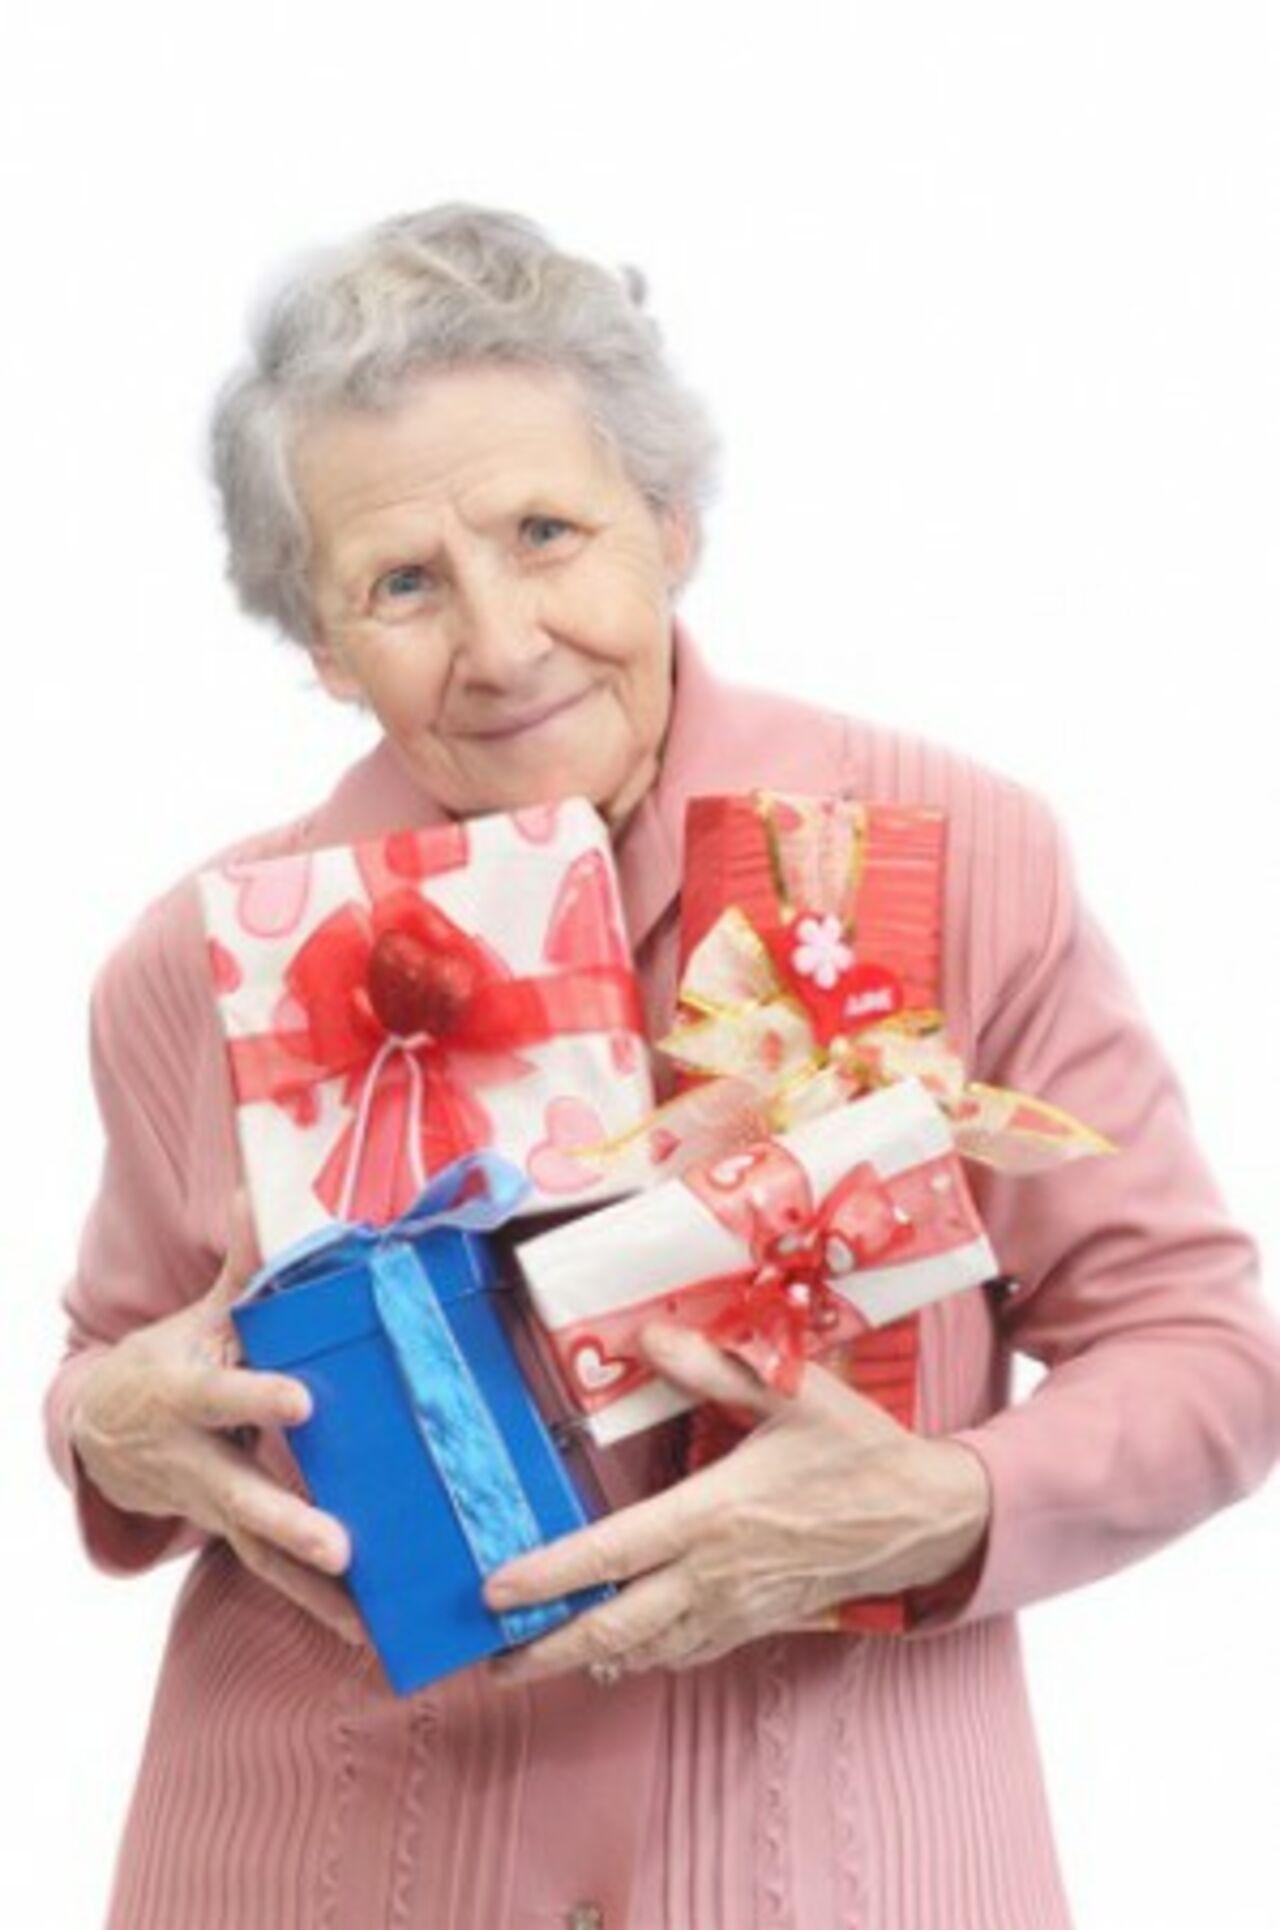 Подарки для пожилой женщины на день рождение